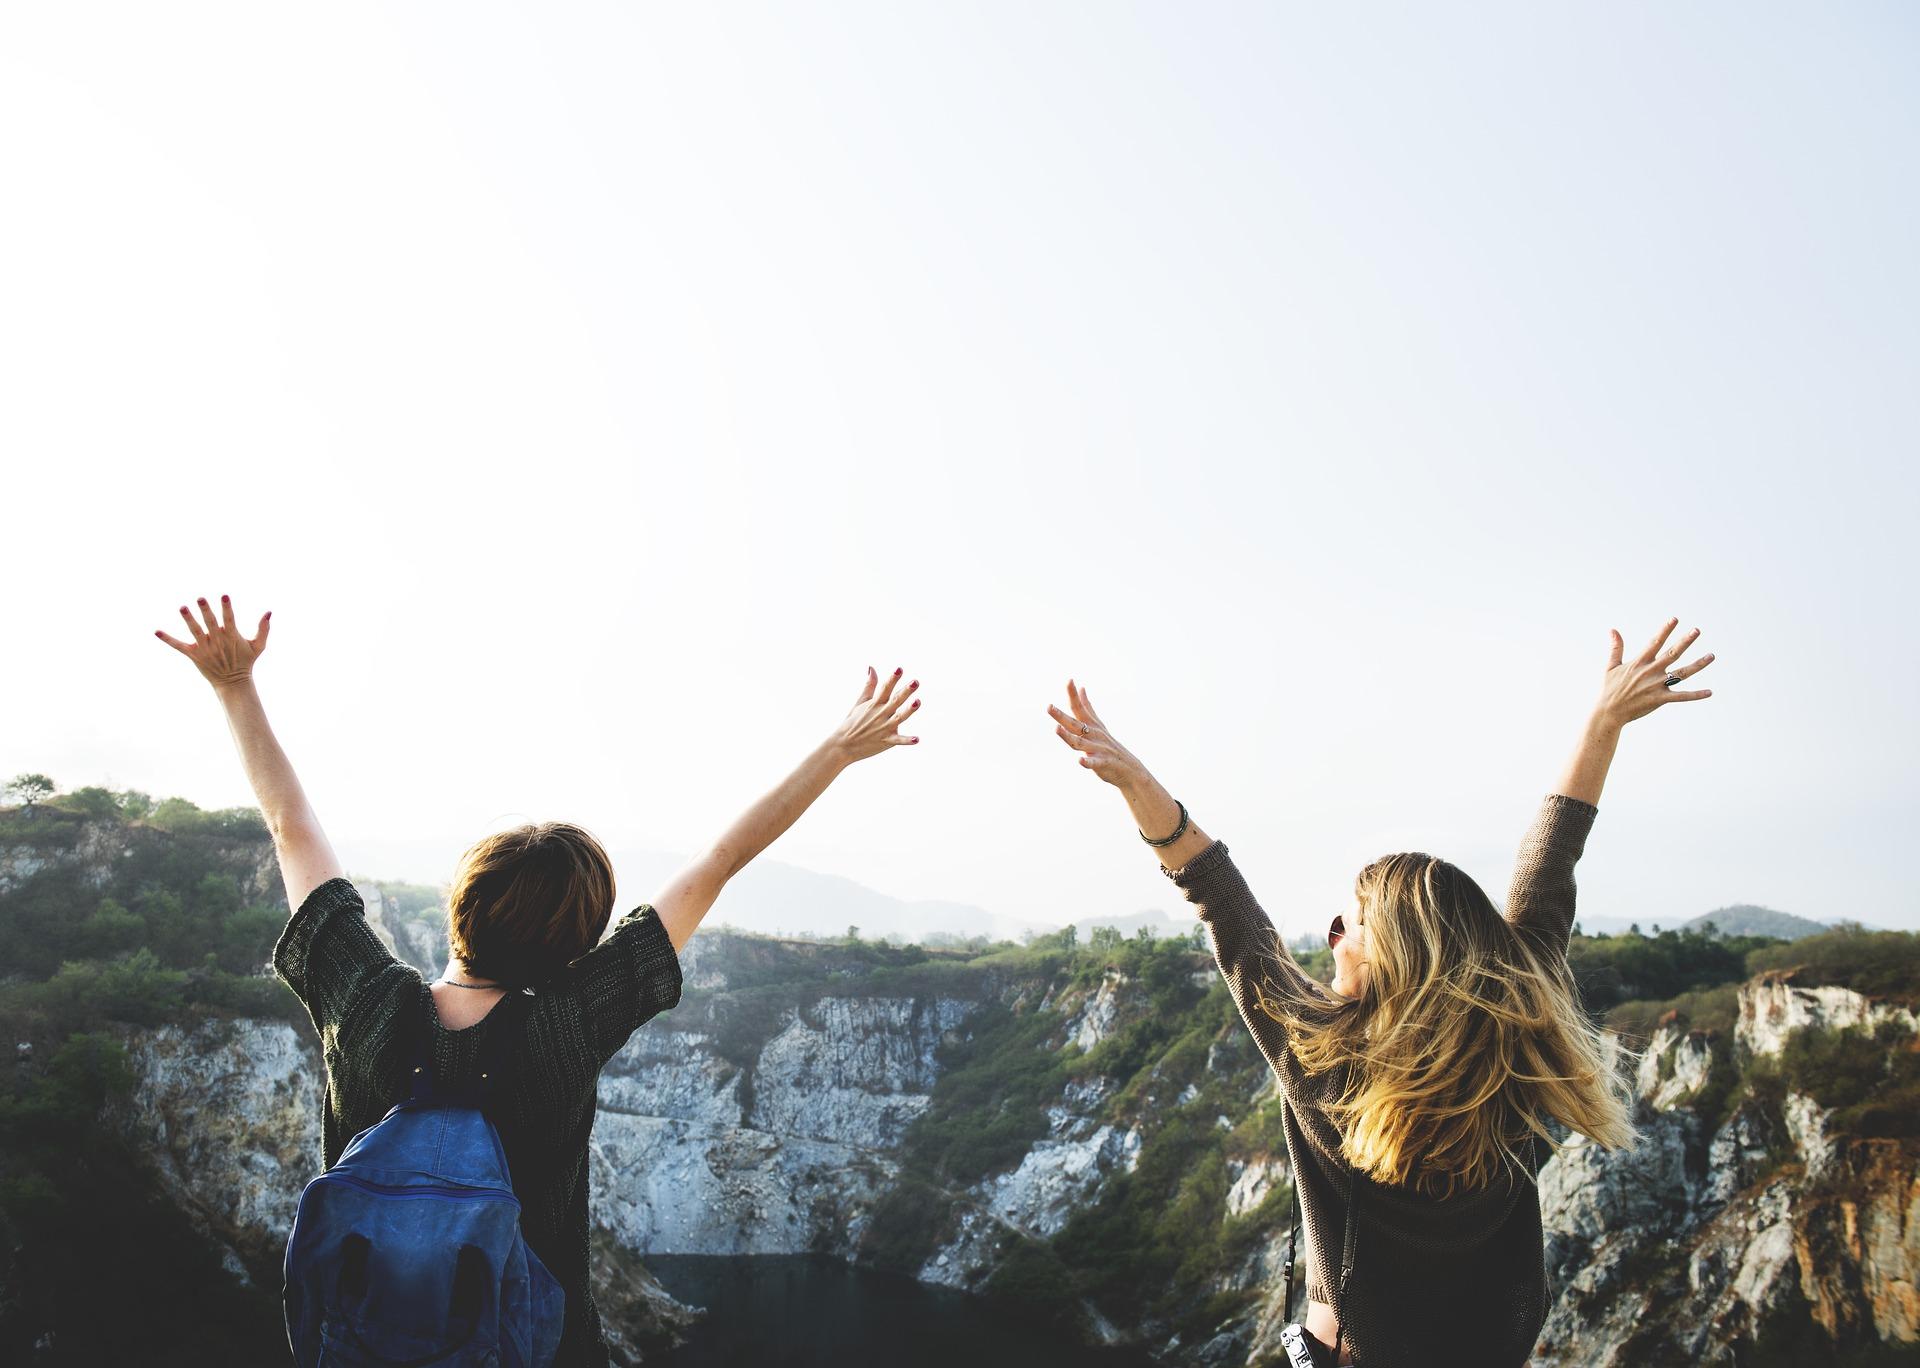 Határtalan életérzés – mit jelent a fiataloknak Európa?